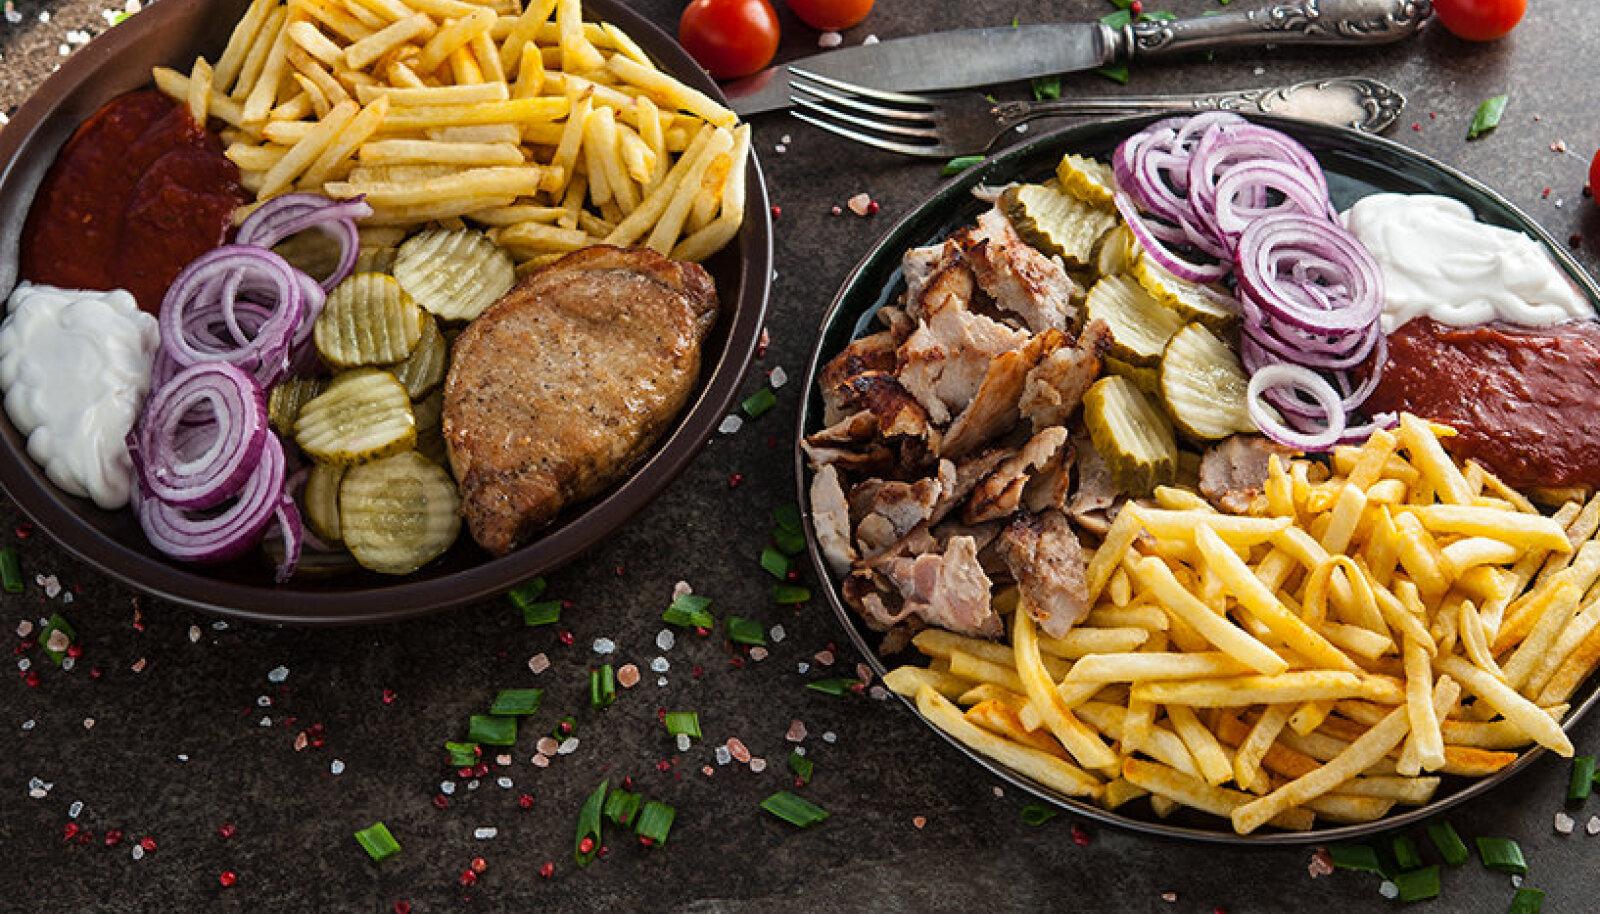 King Kebabis on võimalik pearoogi tellida kolmes suuruses, mis tähendab, et isegi kõige näljasemad saavad söönuks ning ühe roa saab tellida ka kahe peale.